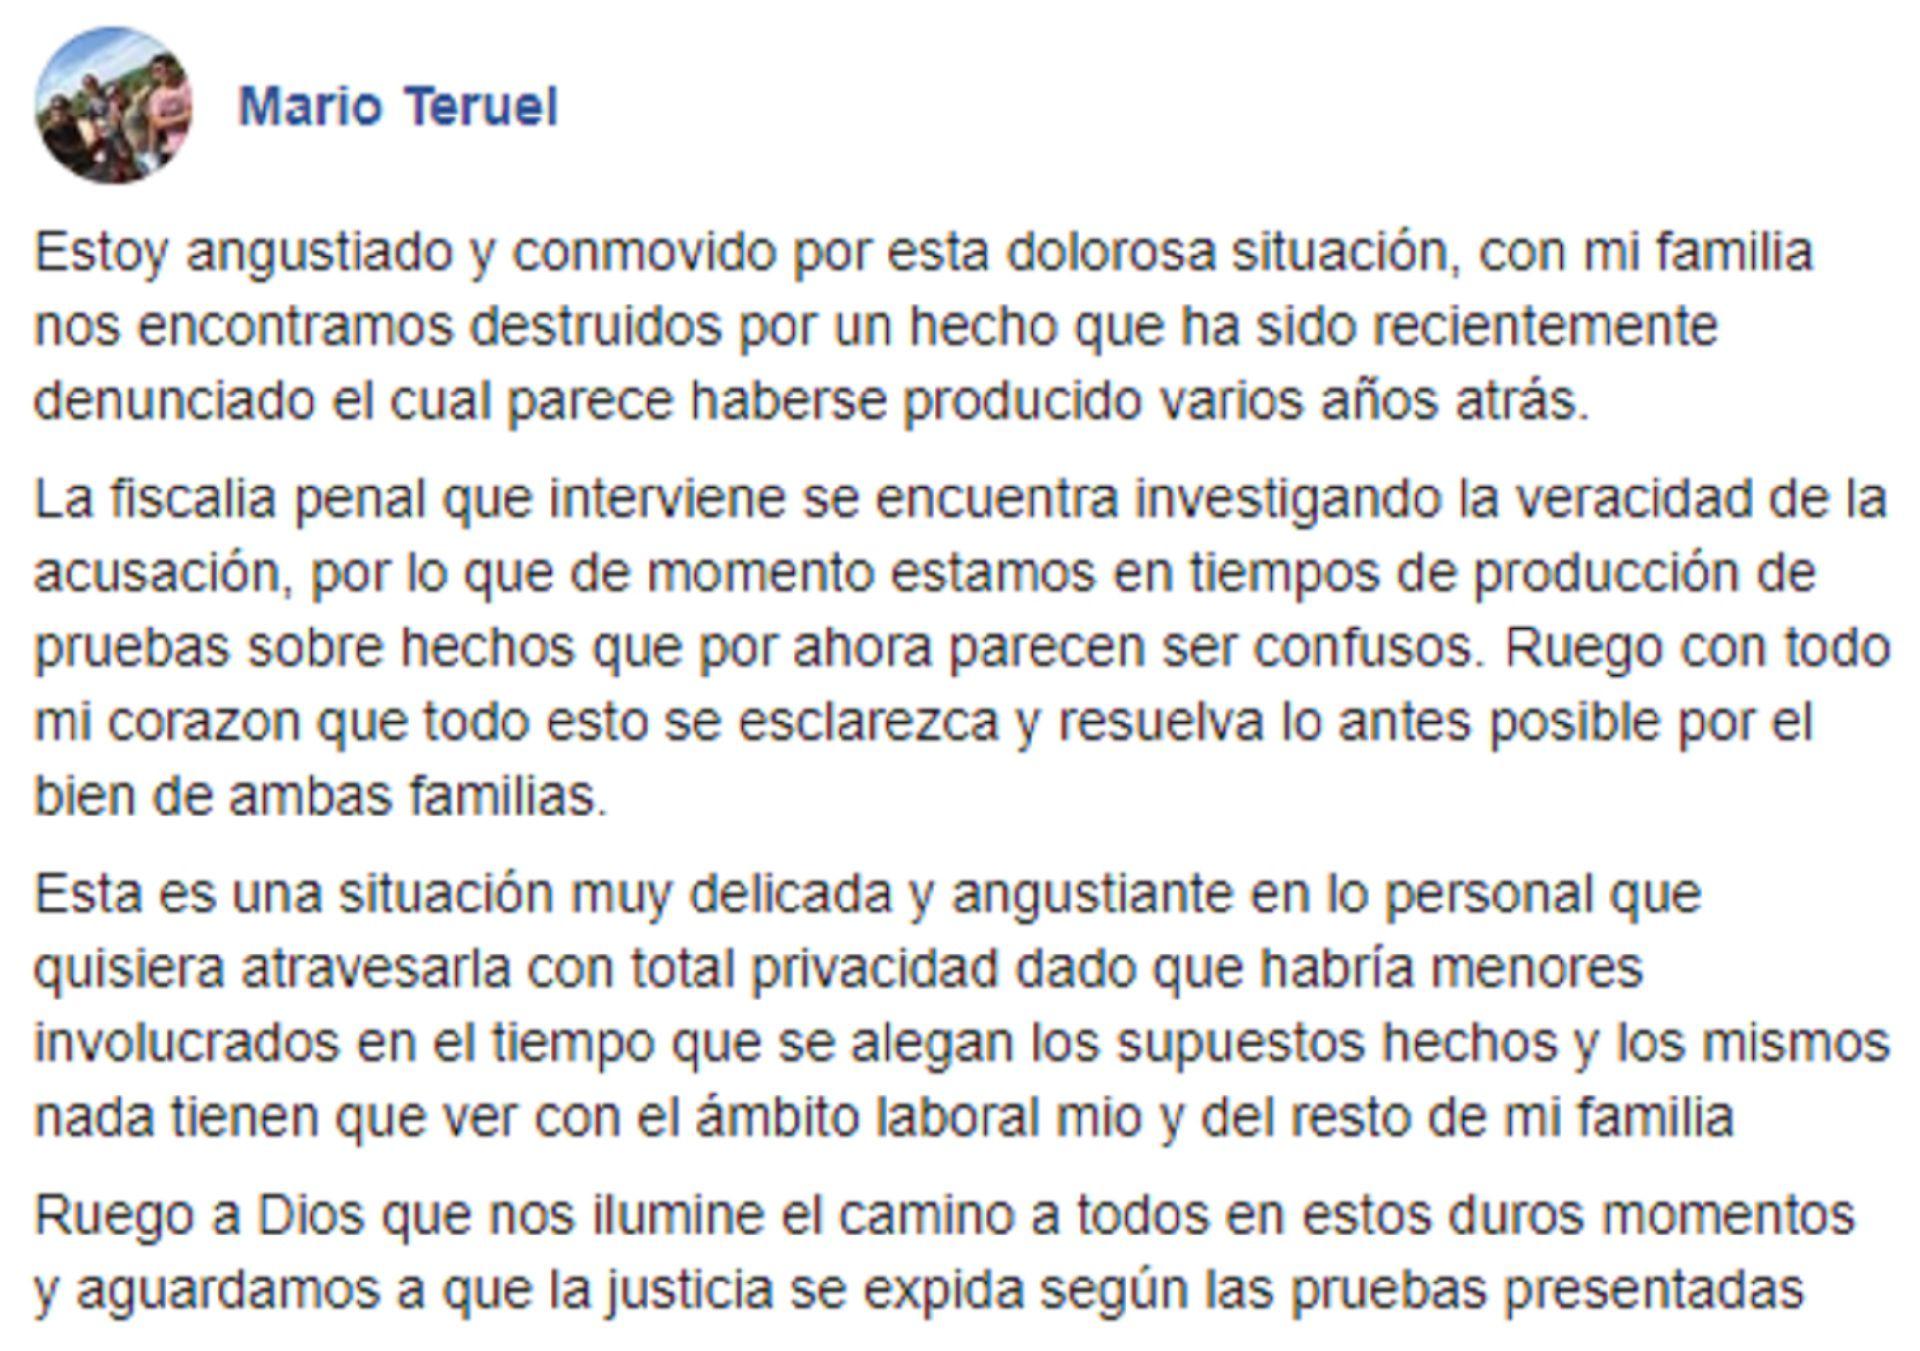 El comunicado de Mario Teruel, el padre del imputado, en sus redes sociales